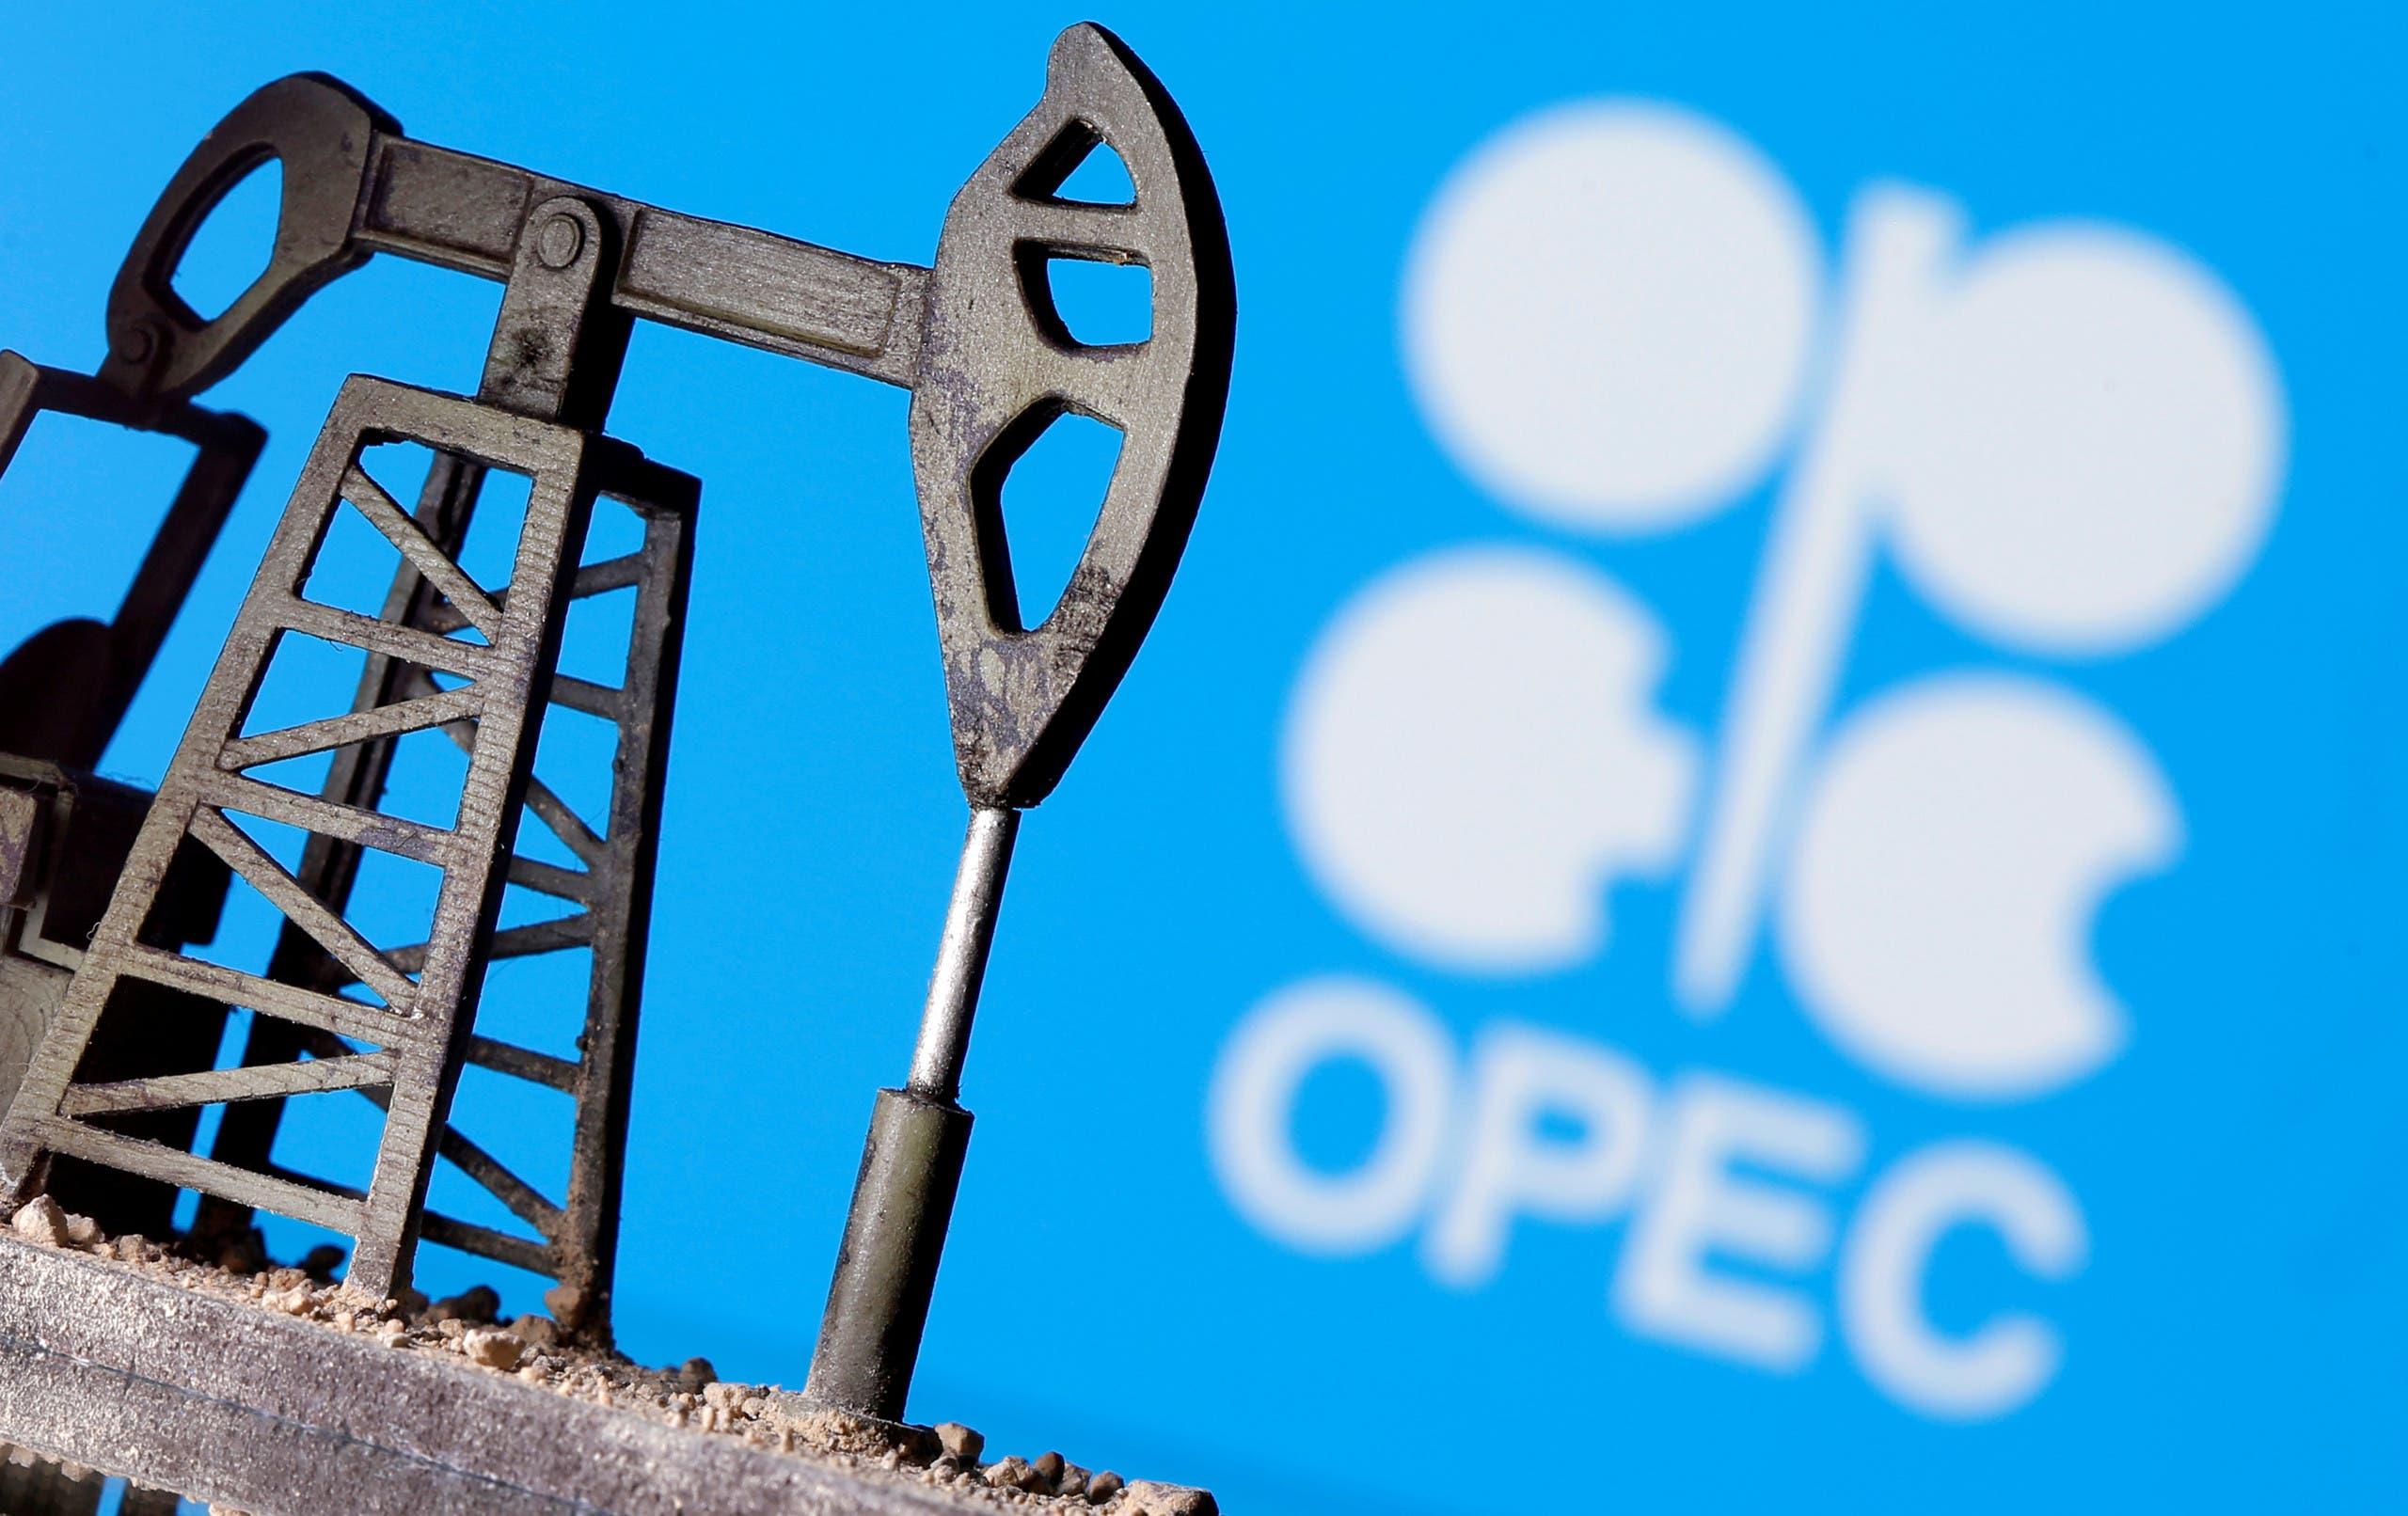 تلاش های اوپک در حمایت از بازار نفت کاملاً واضح است